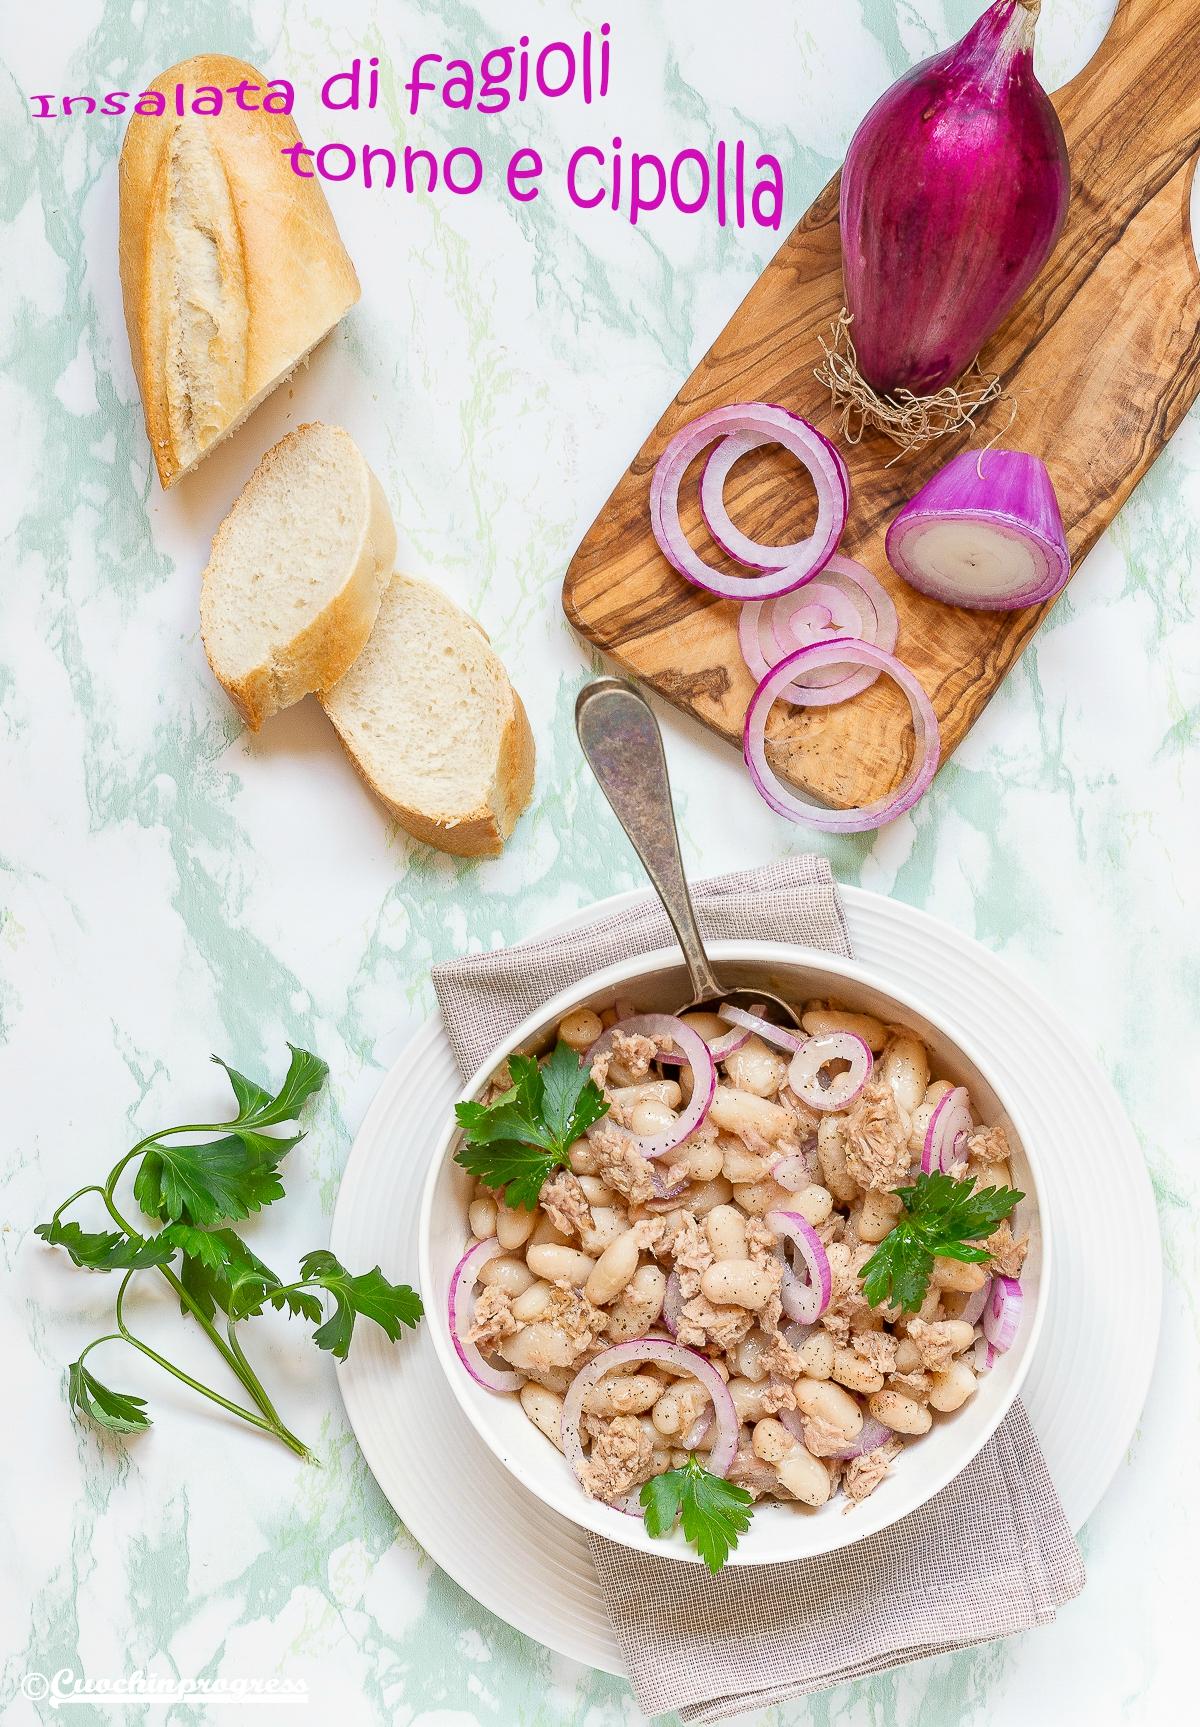 insalata di fagioli tonno e cipolla